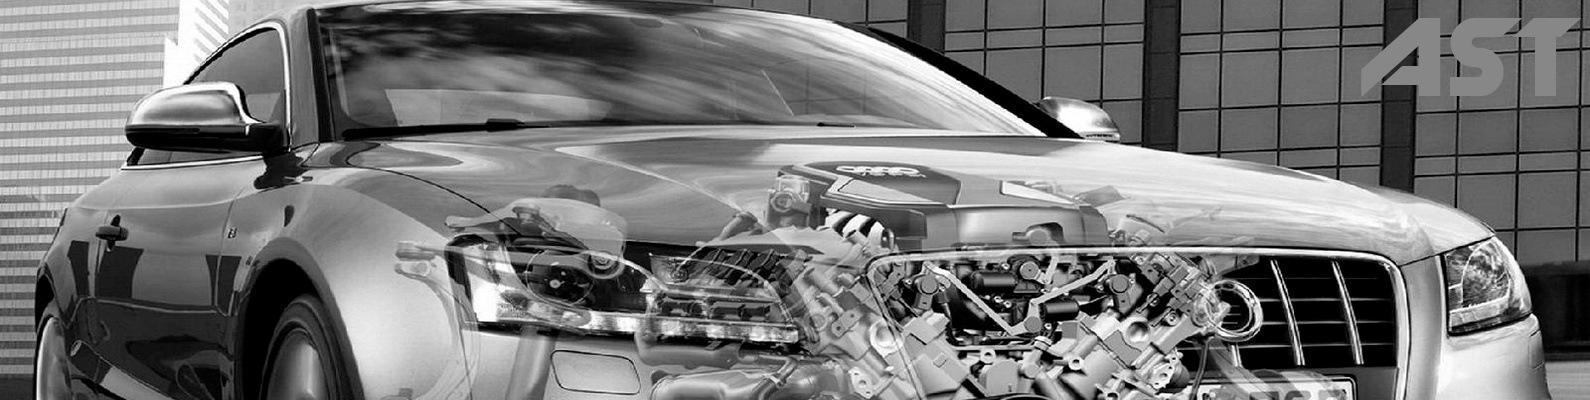 Тюнинг автомобилей в таганроге автотюнинг выставка г.шахты 2015